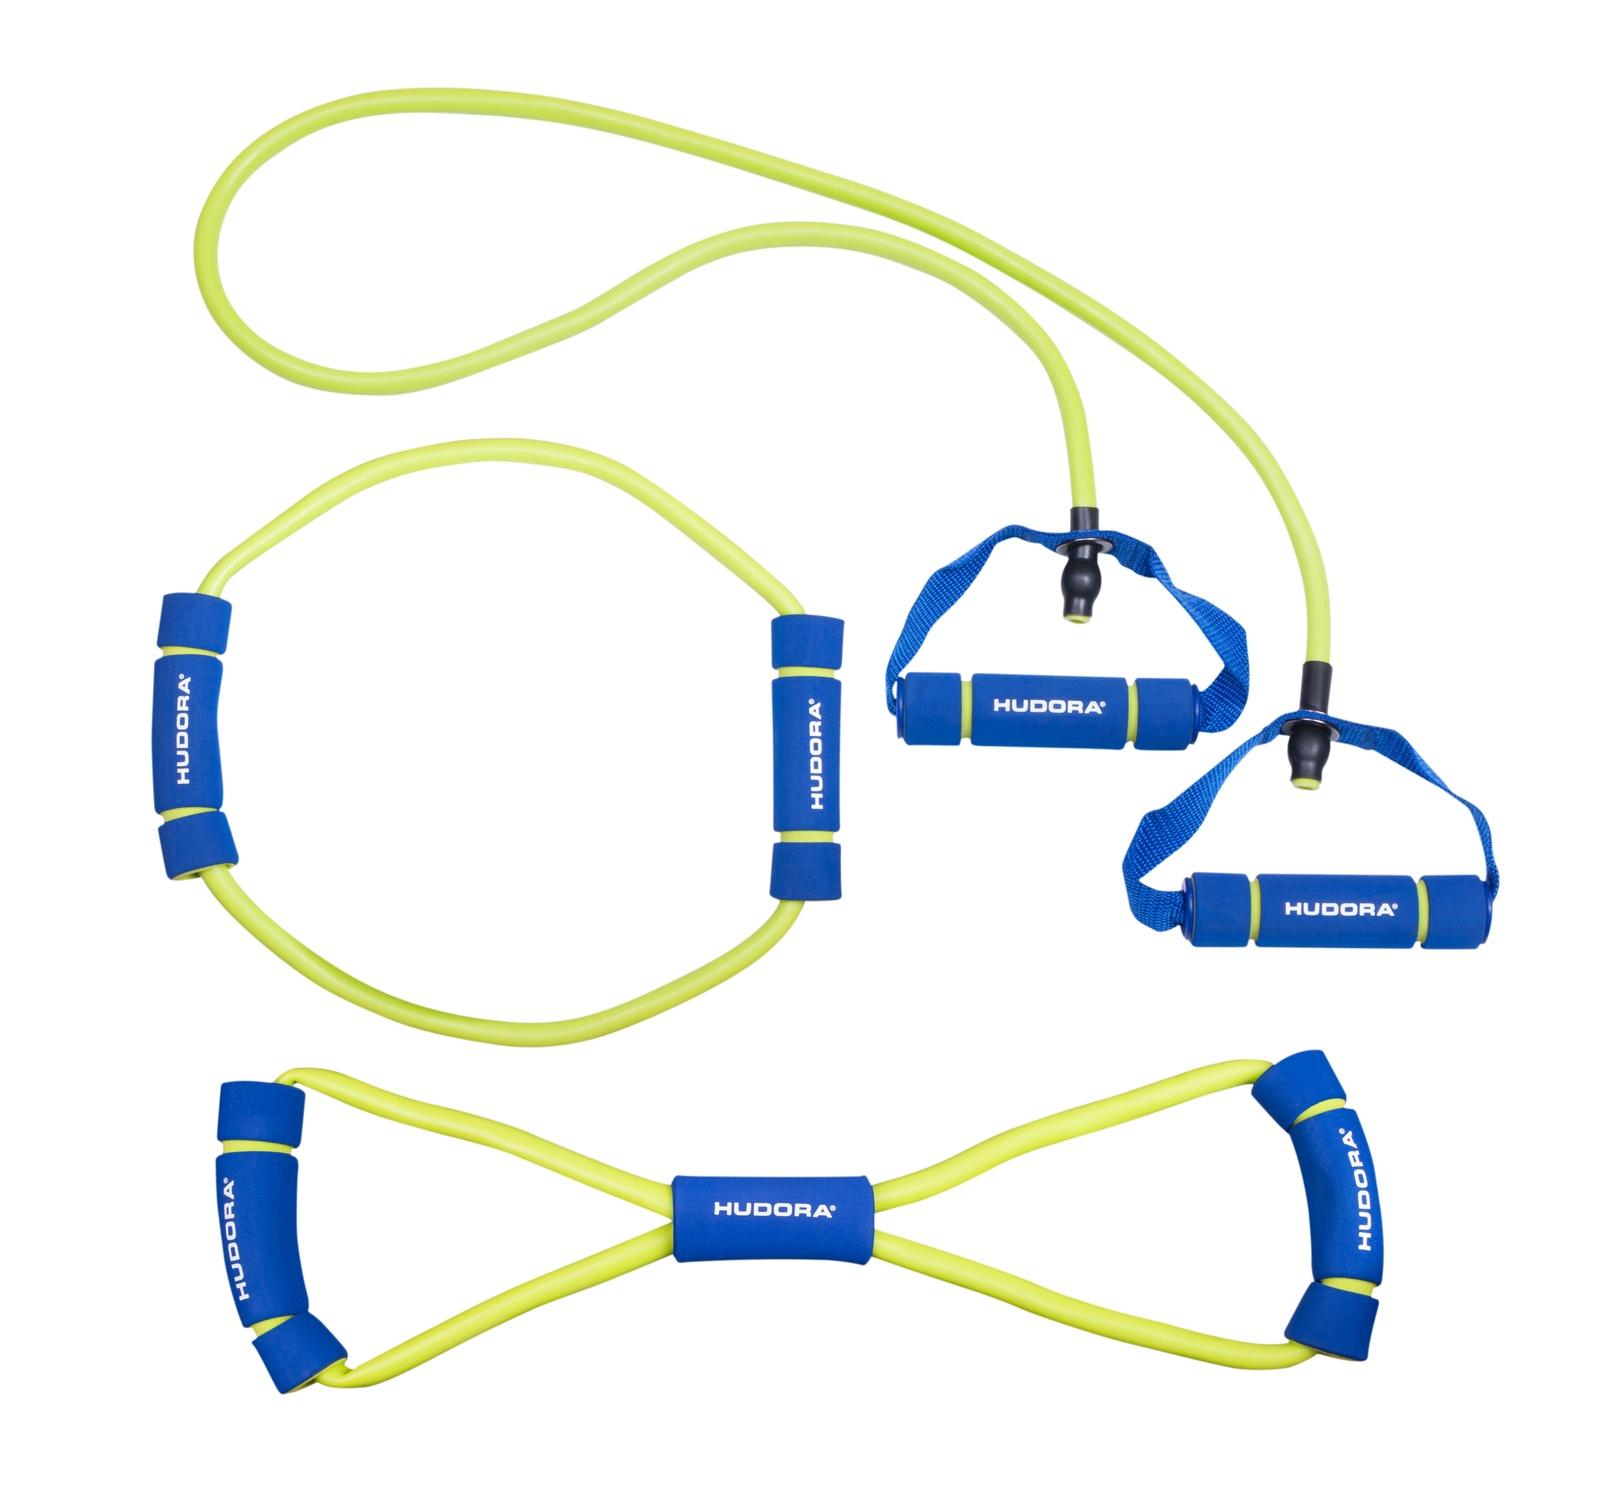 Эспандер Hudora Fitness-Expanderset, синий, салатовый цена